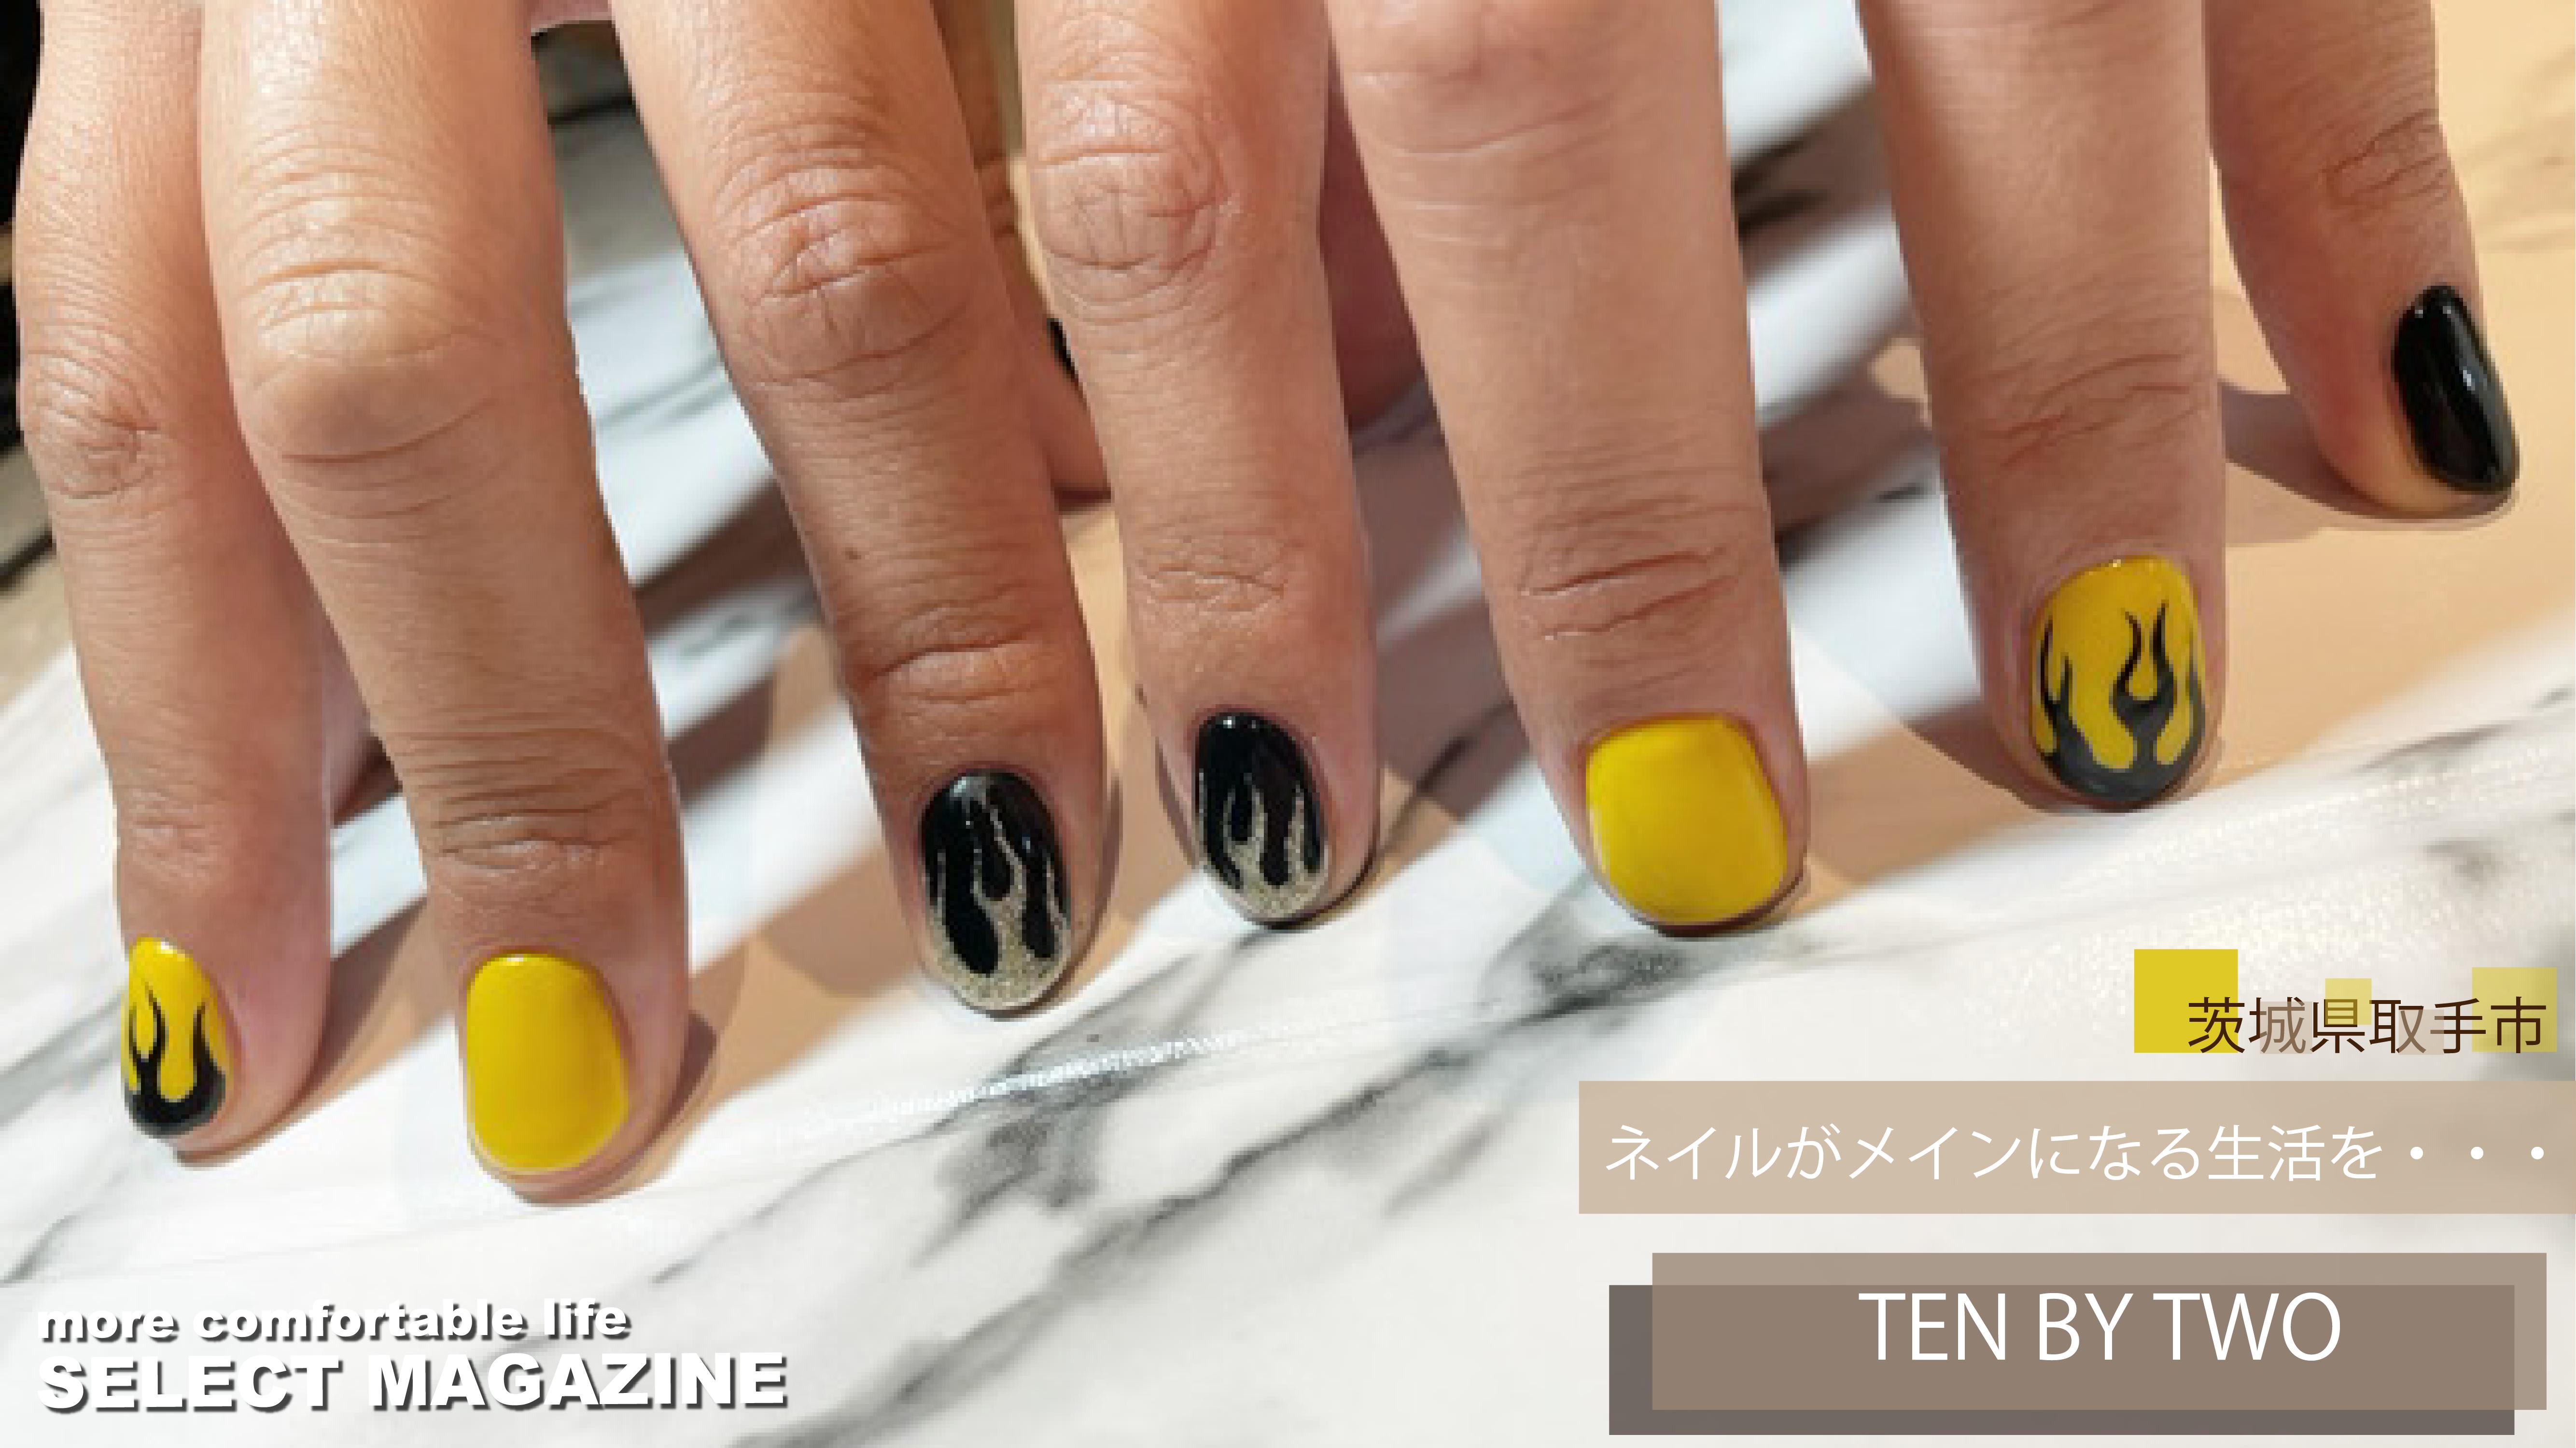 【ネイルがメインになる生活を・・・】TEN BY TWO|茨城・取手